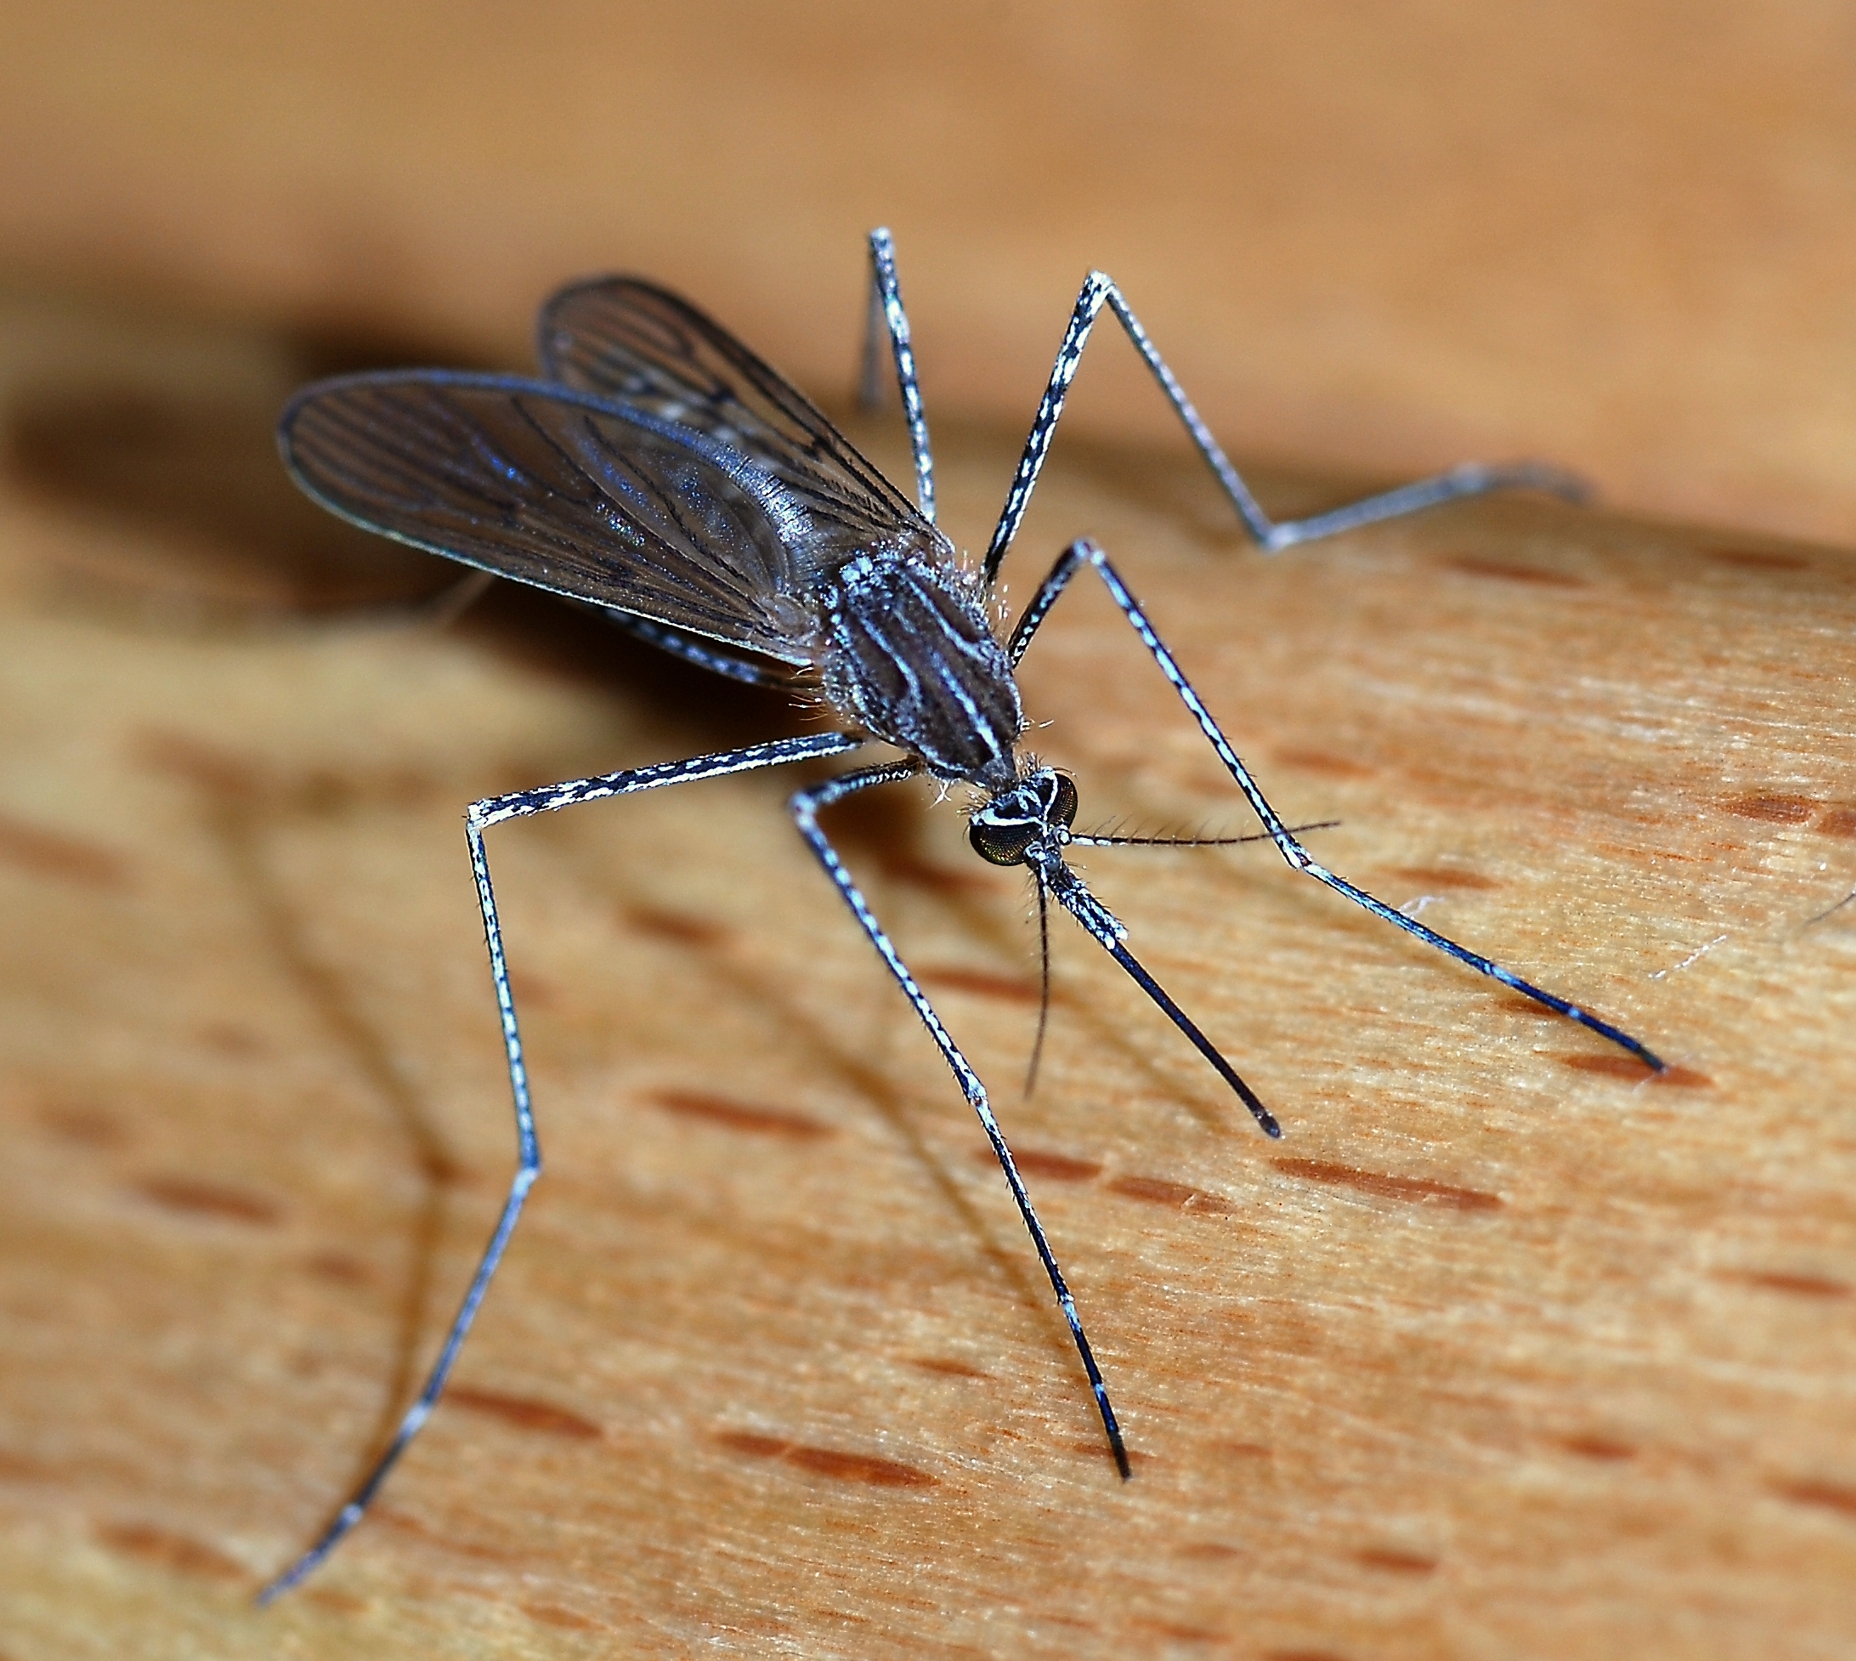 بالصور اخطر انواع الحشرات , انواع حشرات تسبب الموت 11676 7